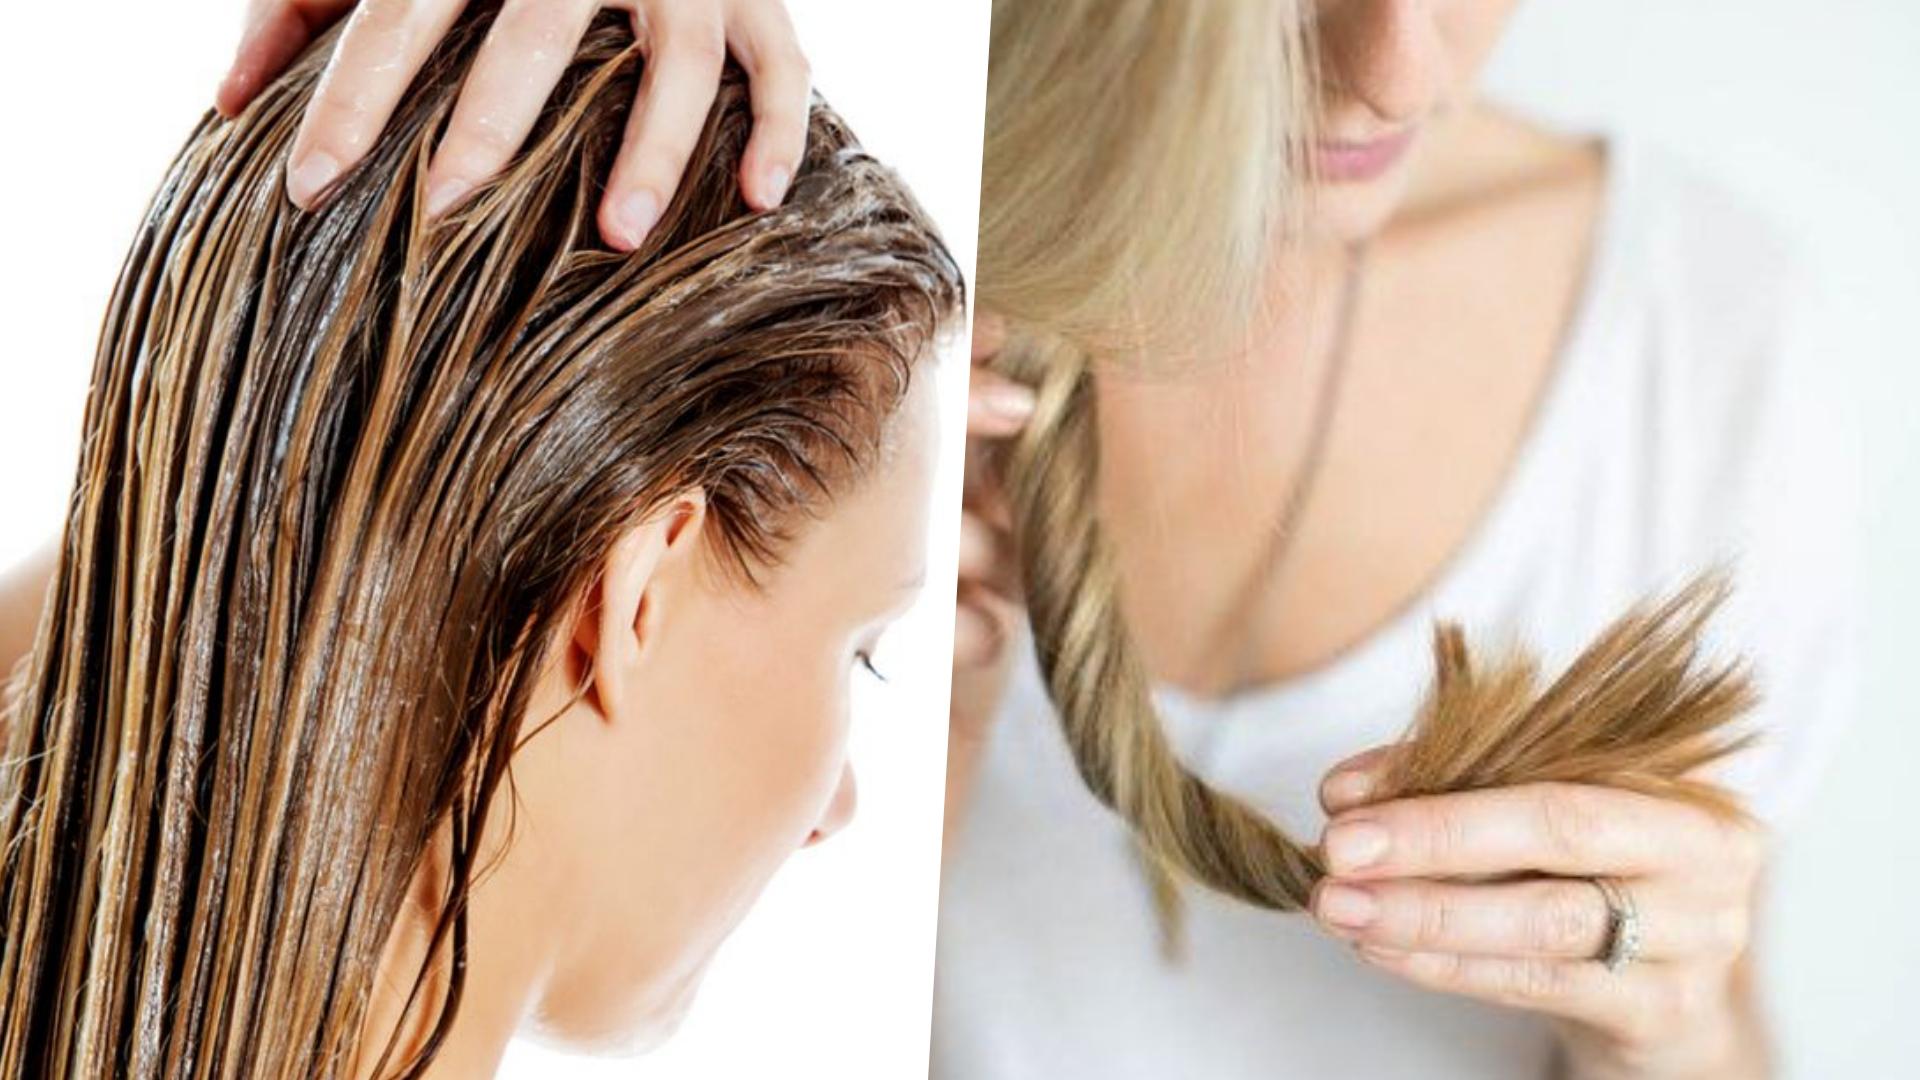 建議一週使用一到兩次的髮膜吧,停留五分鐘後沖掉,那個柔順感真的不一樣!